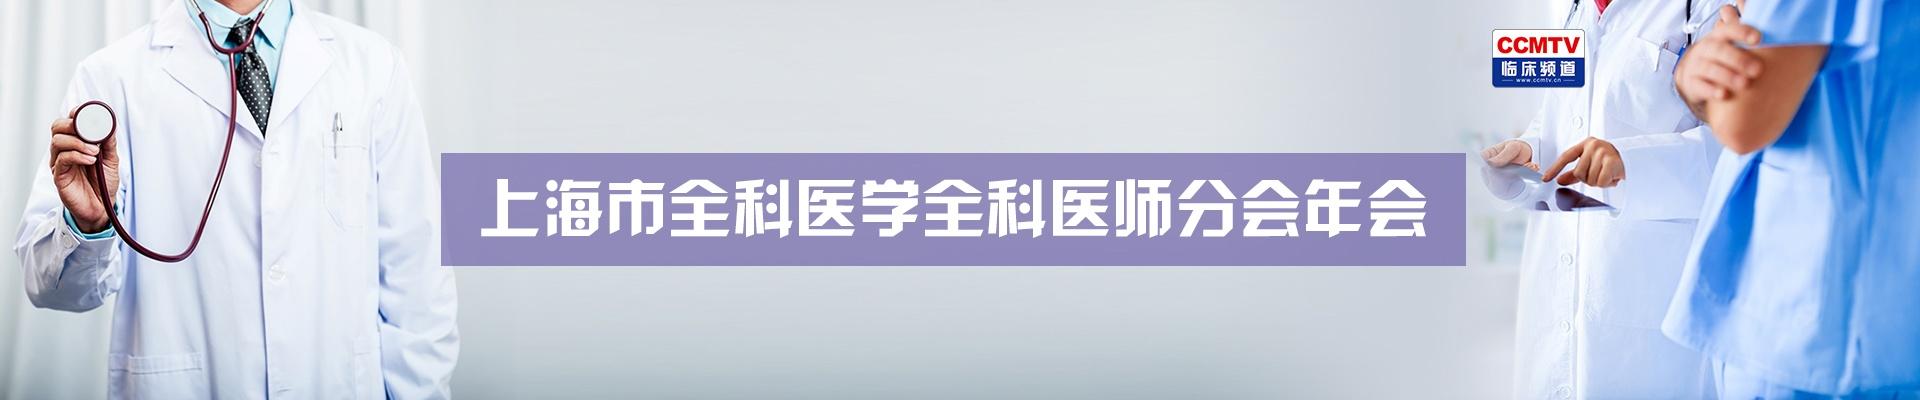 上海市全科医学全科医师分会年会